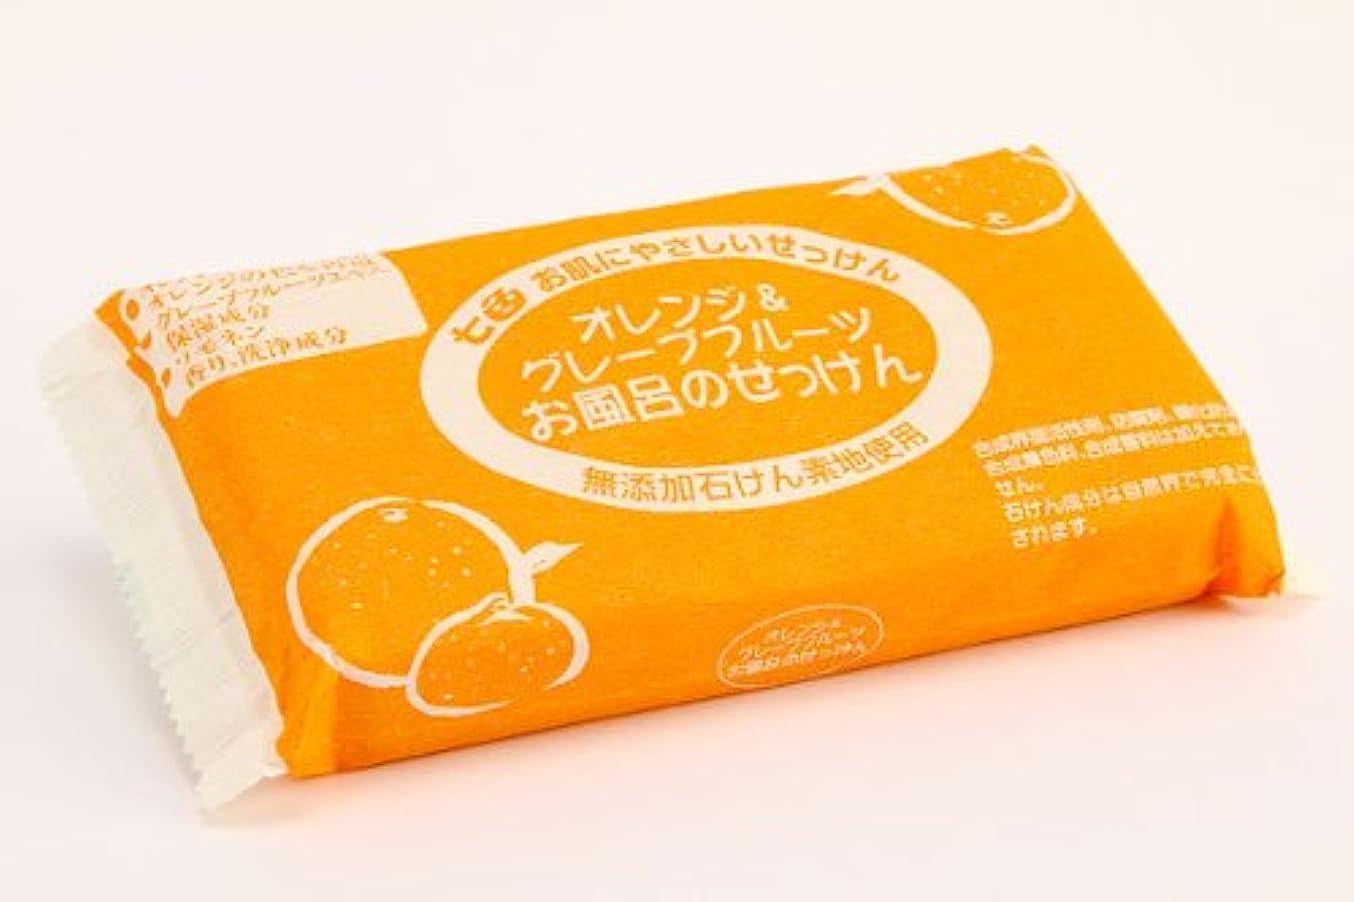 責ペレットライドまるは油脂化学 七色石けん オレンジ&グレープフルーツお風呂の石けん3P 100g×3個パック